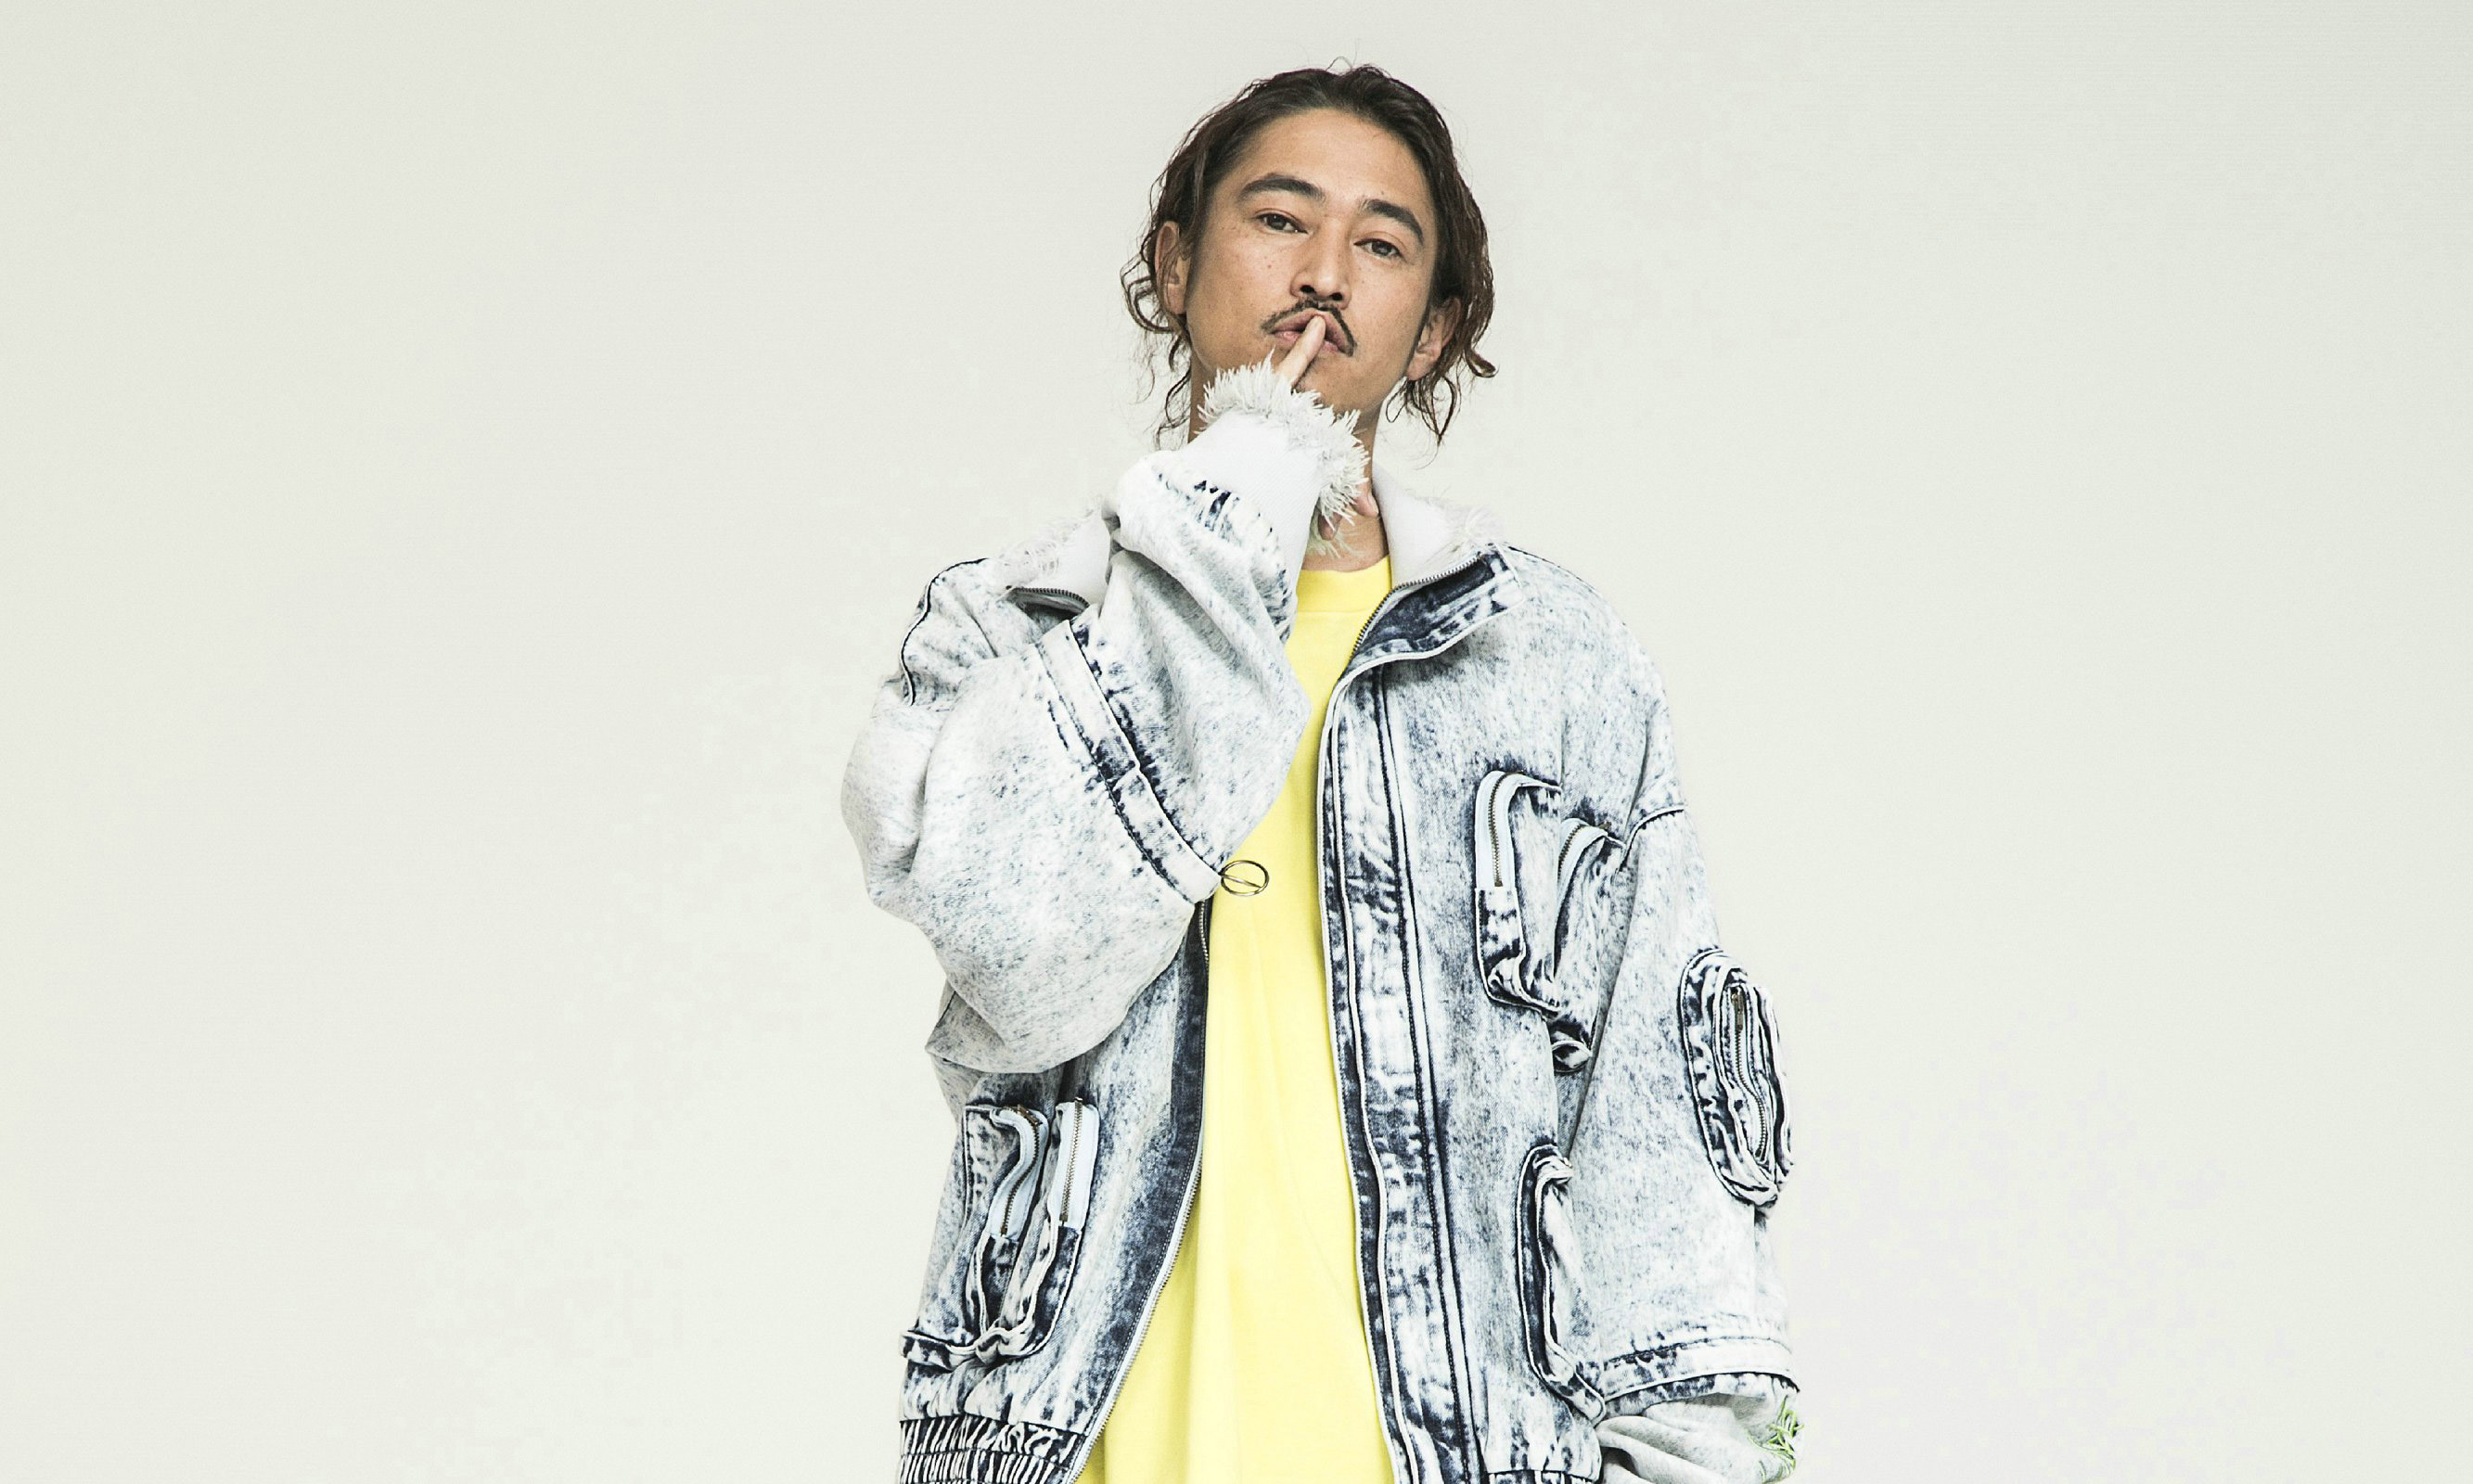 洼冢洋介正式成为 INXX 全新代言人